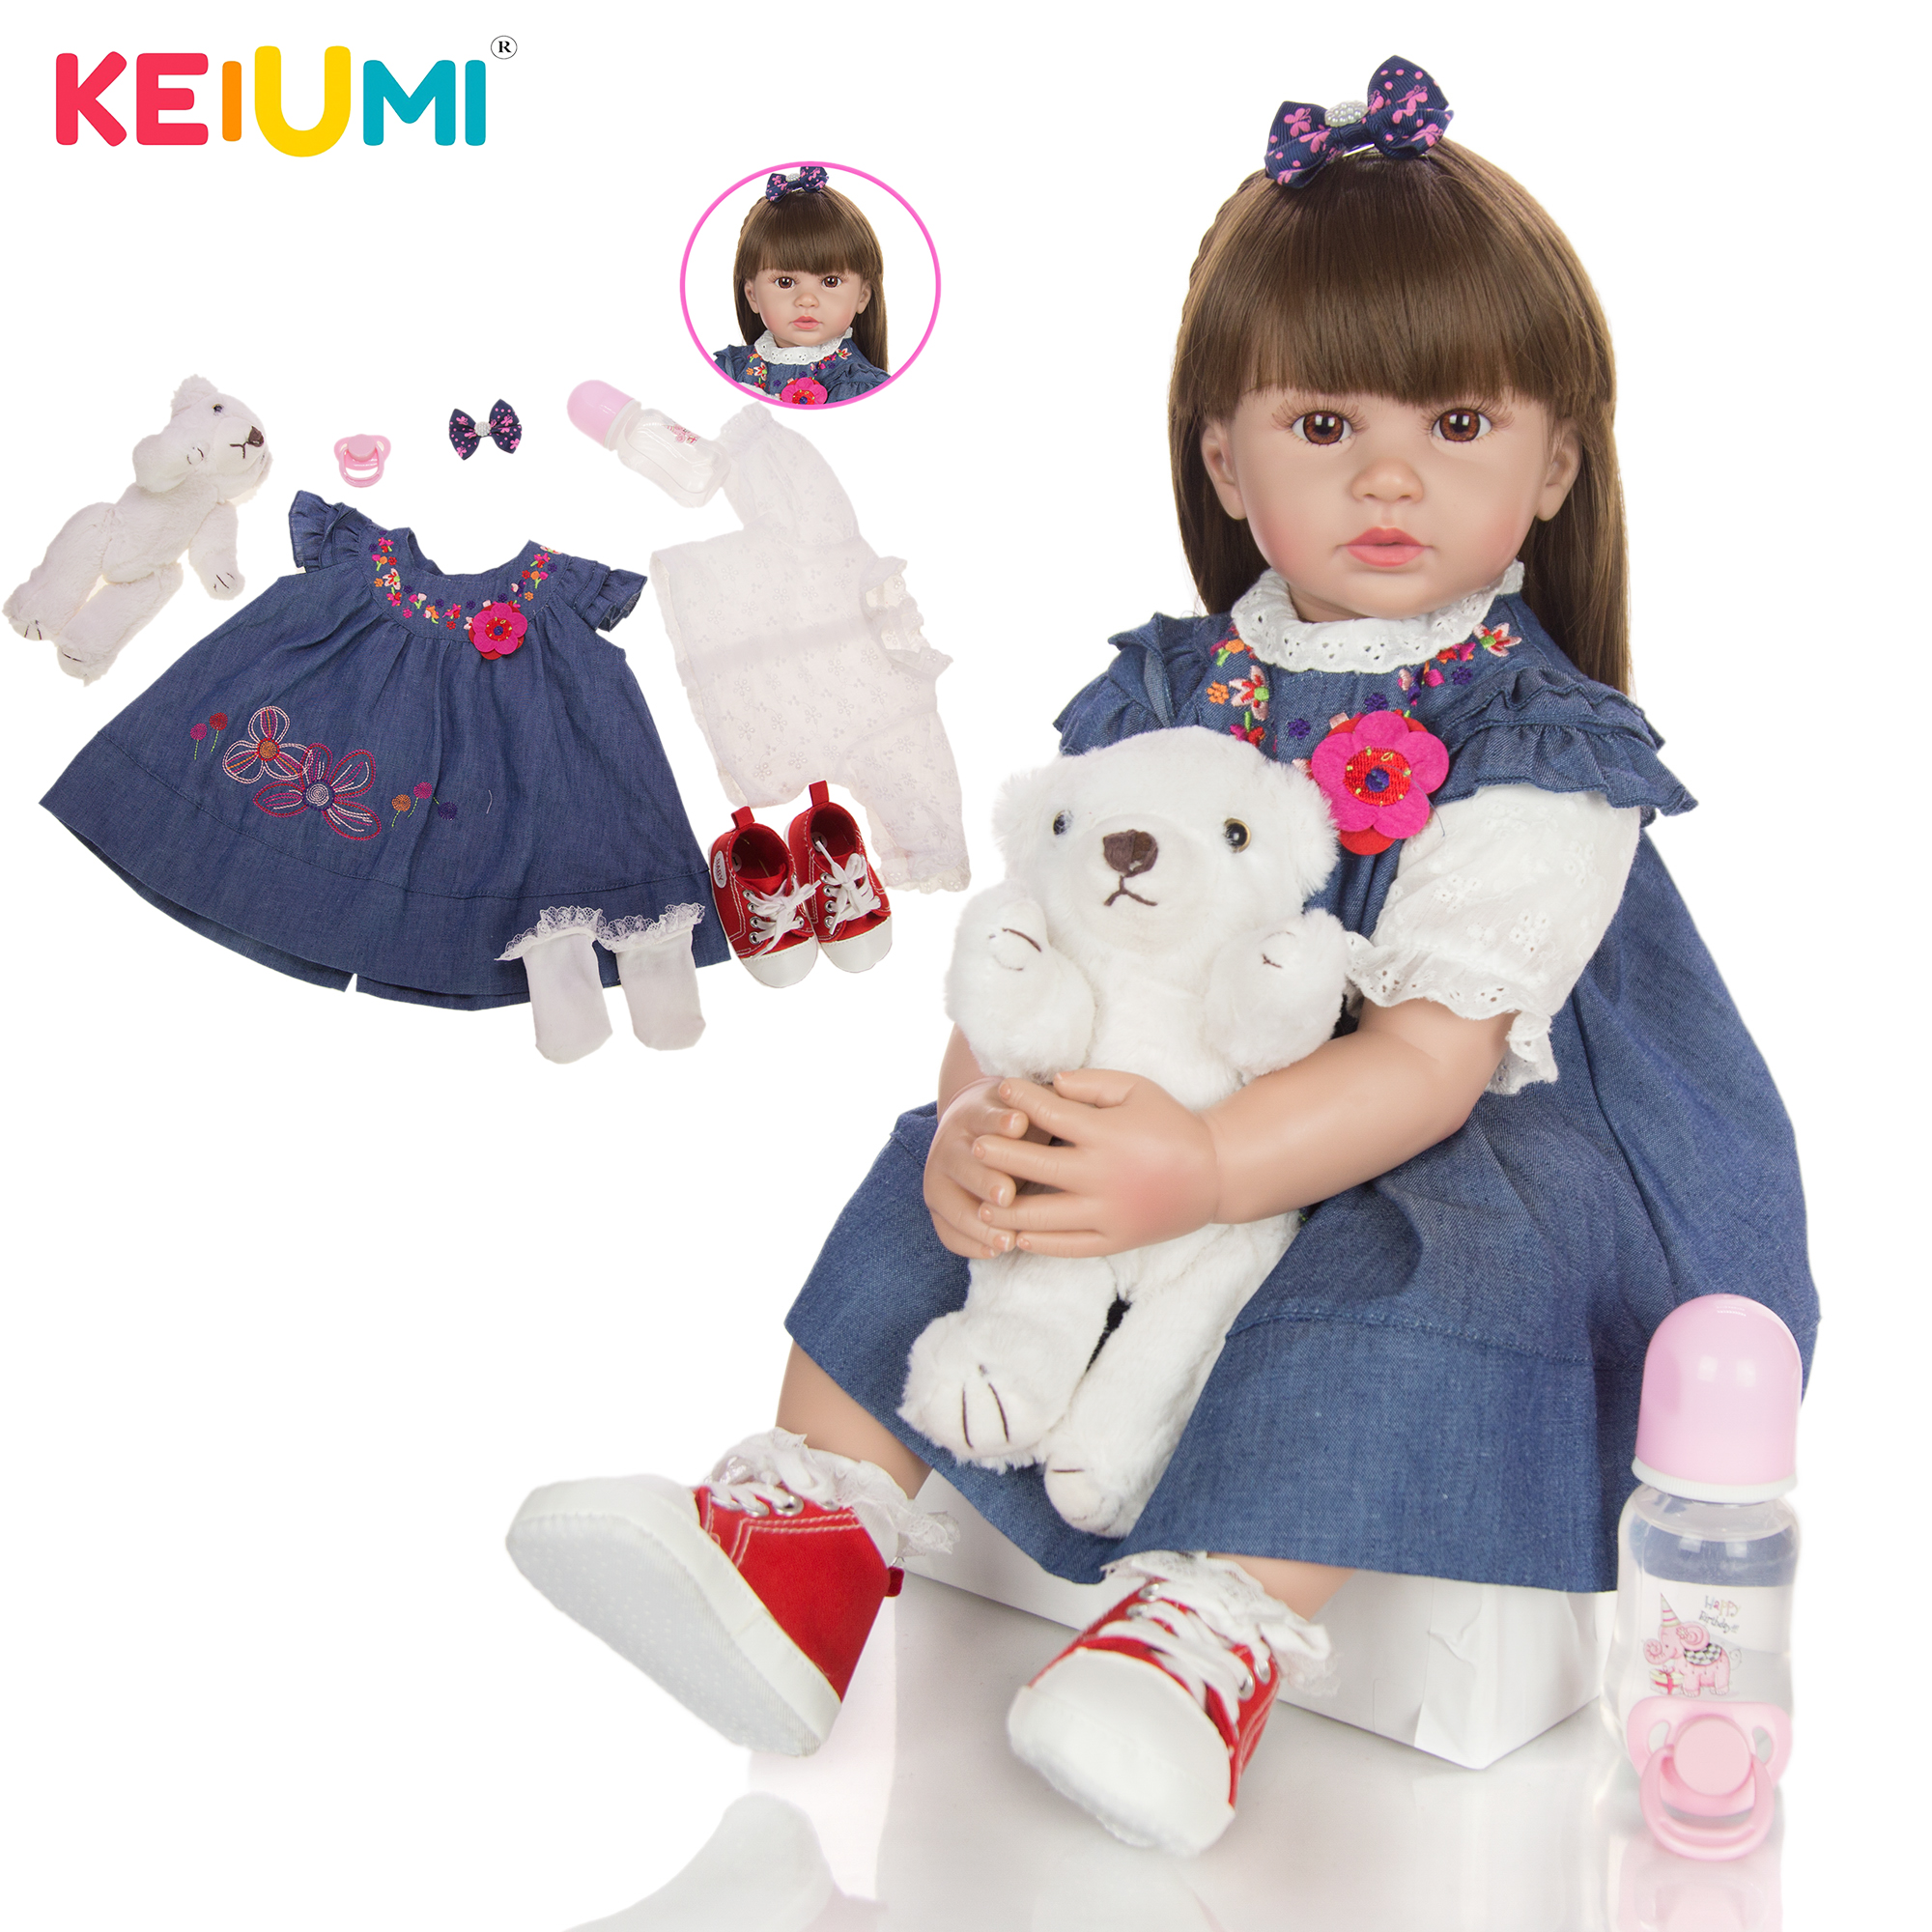 KEIUMI Weiche Silikon Reborn Baby Puppen 24 Zoll 60 CM Prinzessin Bebe Spielzeug Mehr Wahl Wholsale Rebron Puppen Geschenk Zu kind